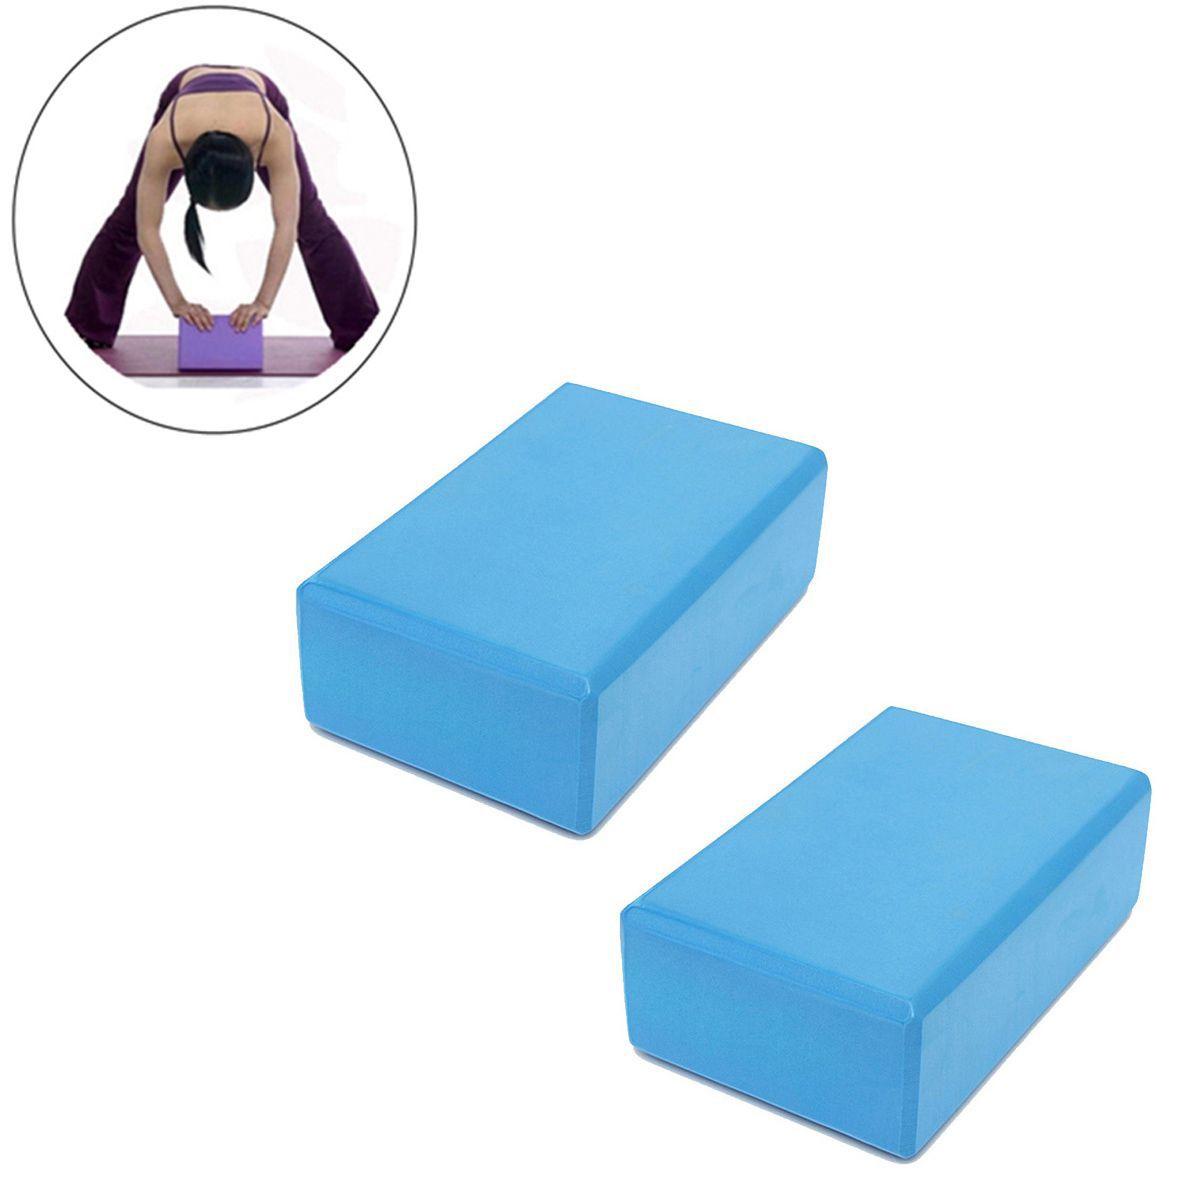 Blocos Pilates Yoga Ginastica Treinamento Eva Fitness Kit 2 Exercicio Azul